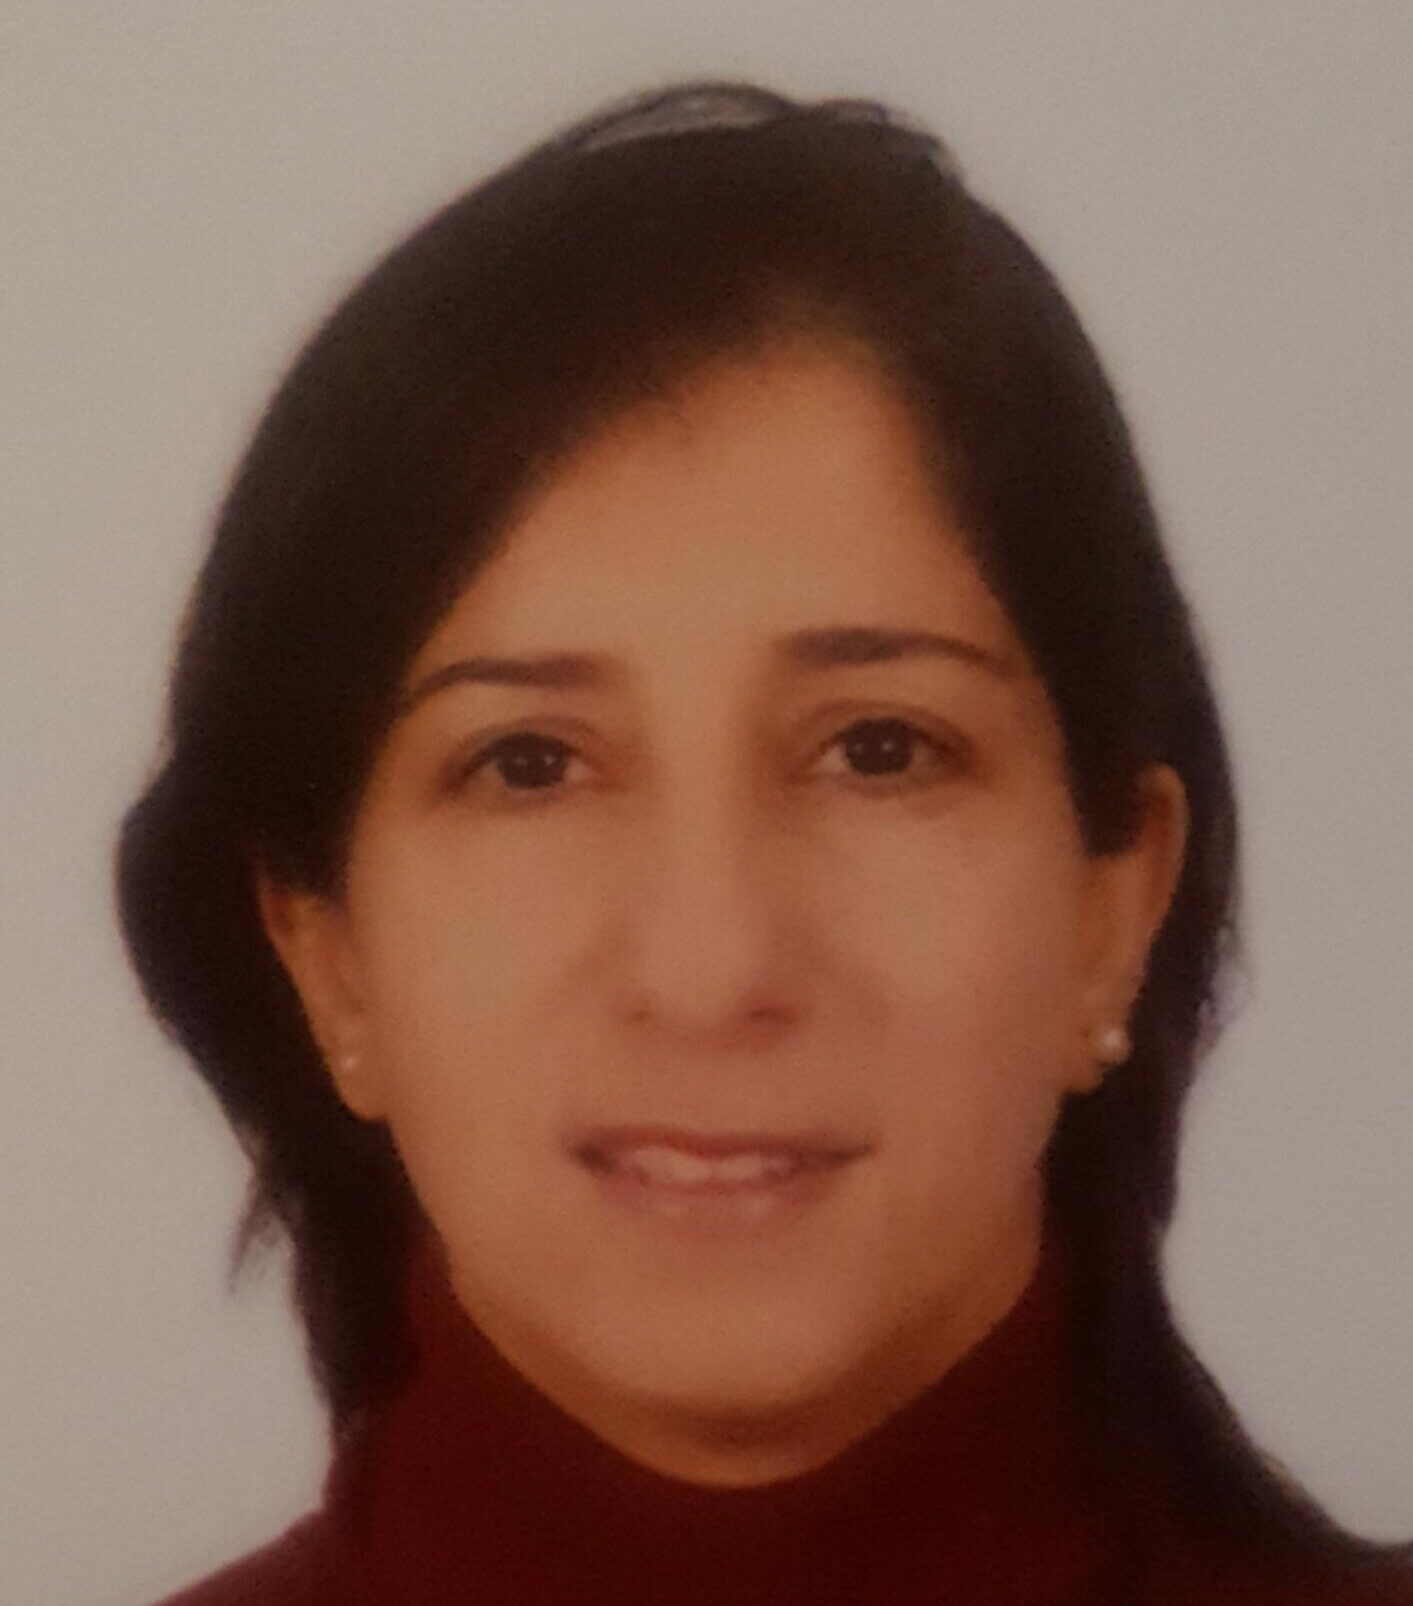 Muna Dahabreh - profile image